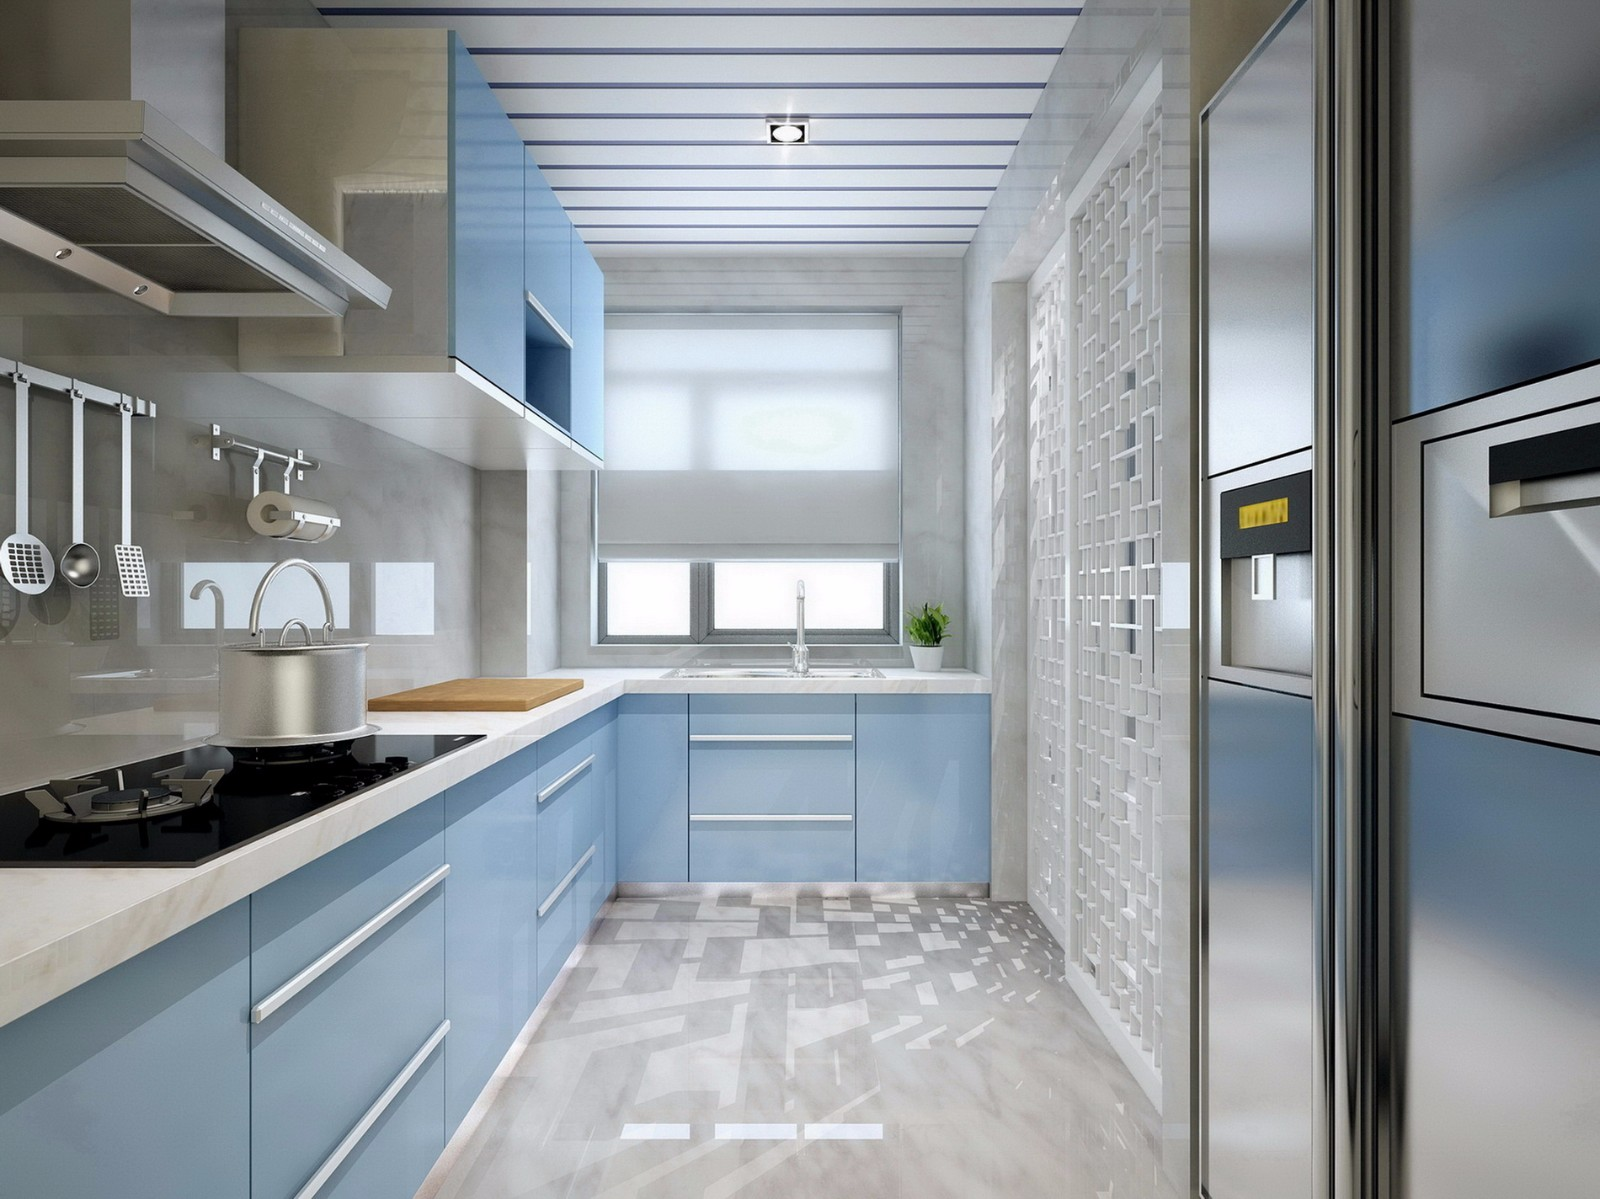 现代中式风格厨房装修效果图